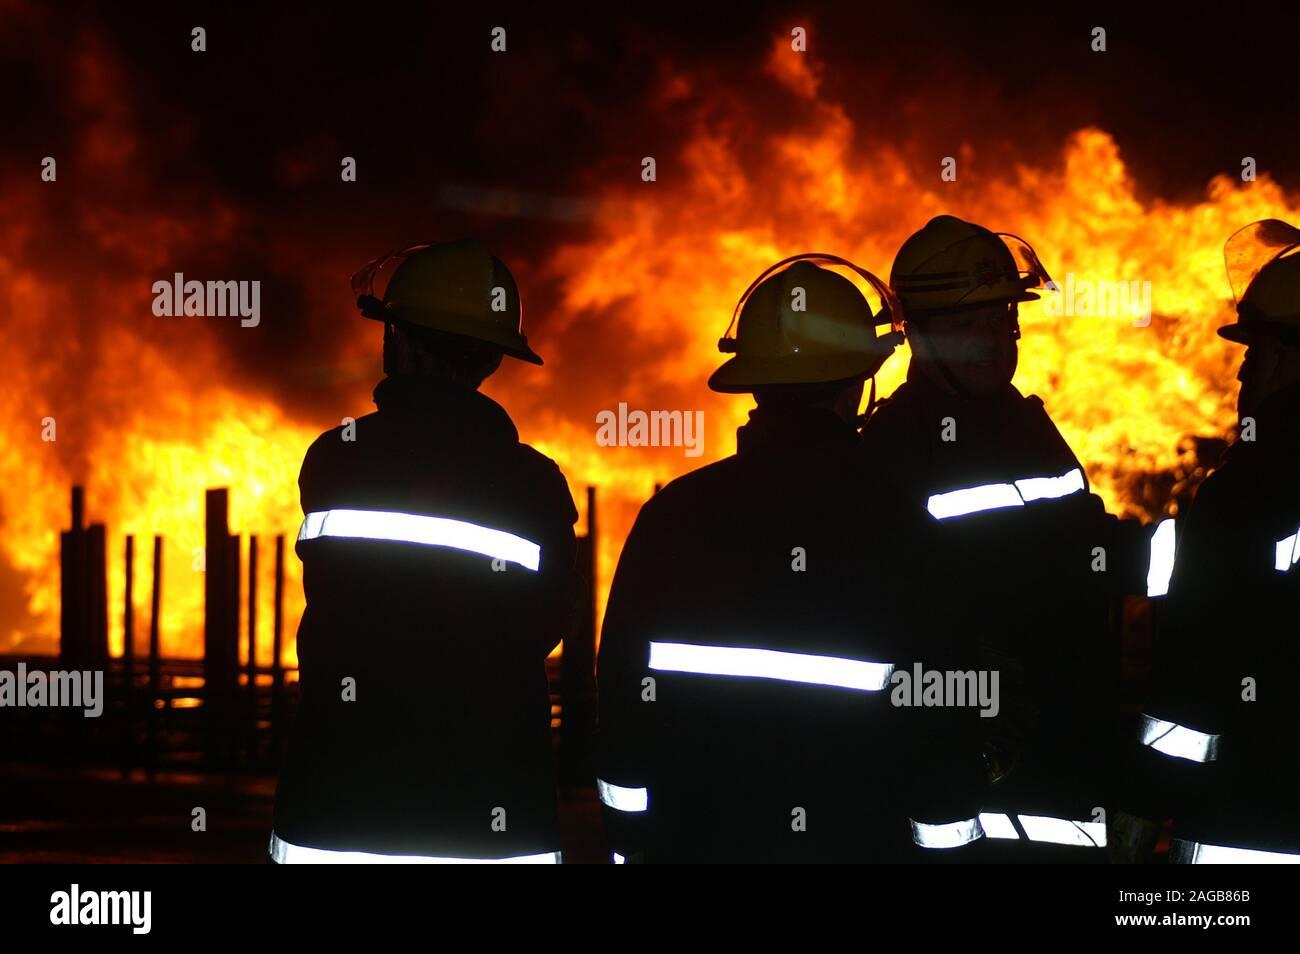 fire fighting, Australian bushfire, wild fire 2020 Stock Photo